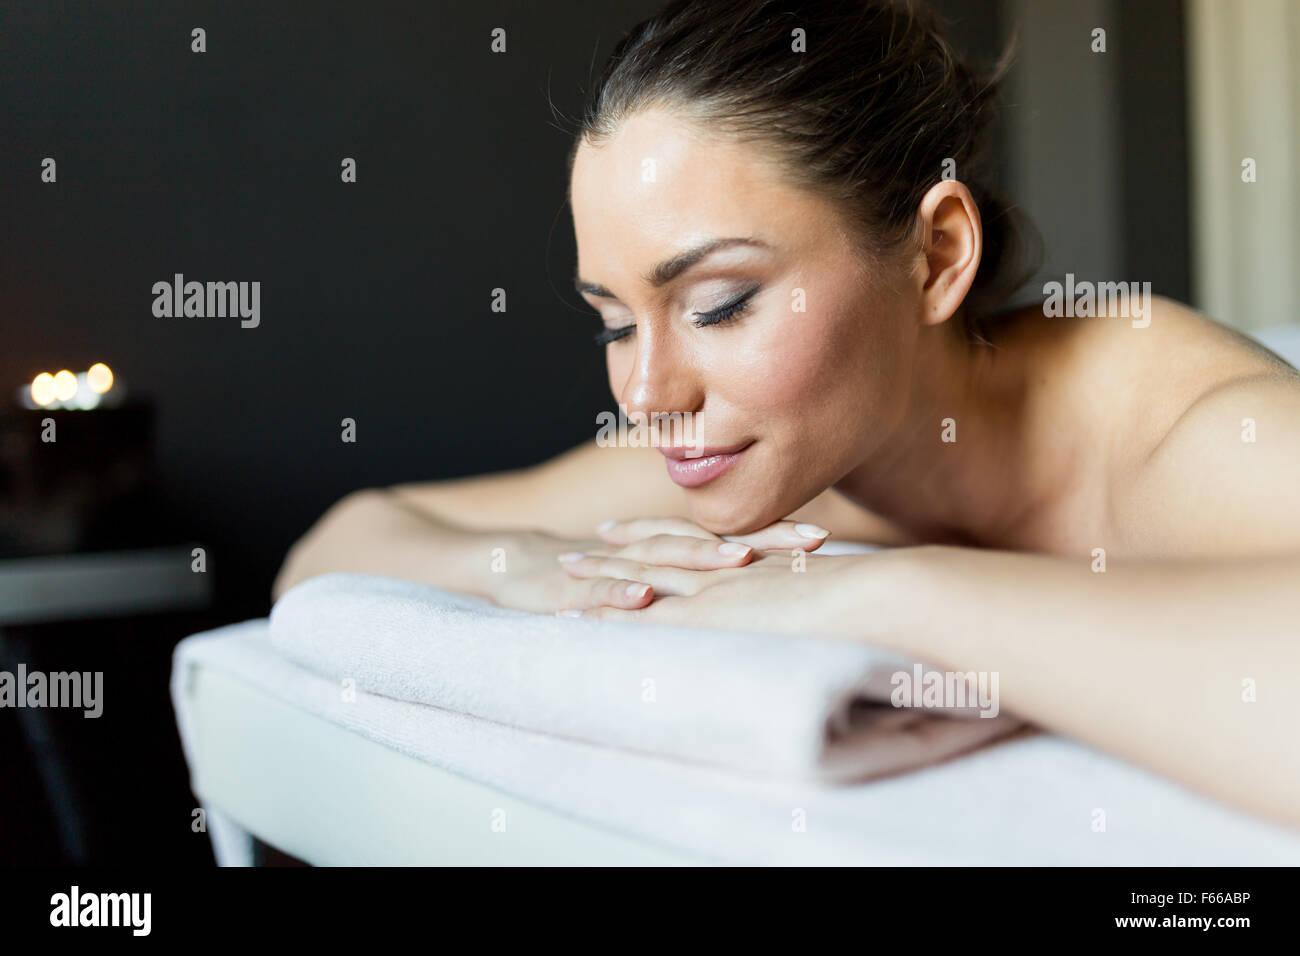 Retrato de una joven y bella mujer de relajarse con los ojos cerrados en una camilla de masaje en una habitación oscura con luz de velas Foto de stock